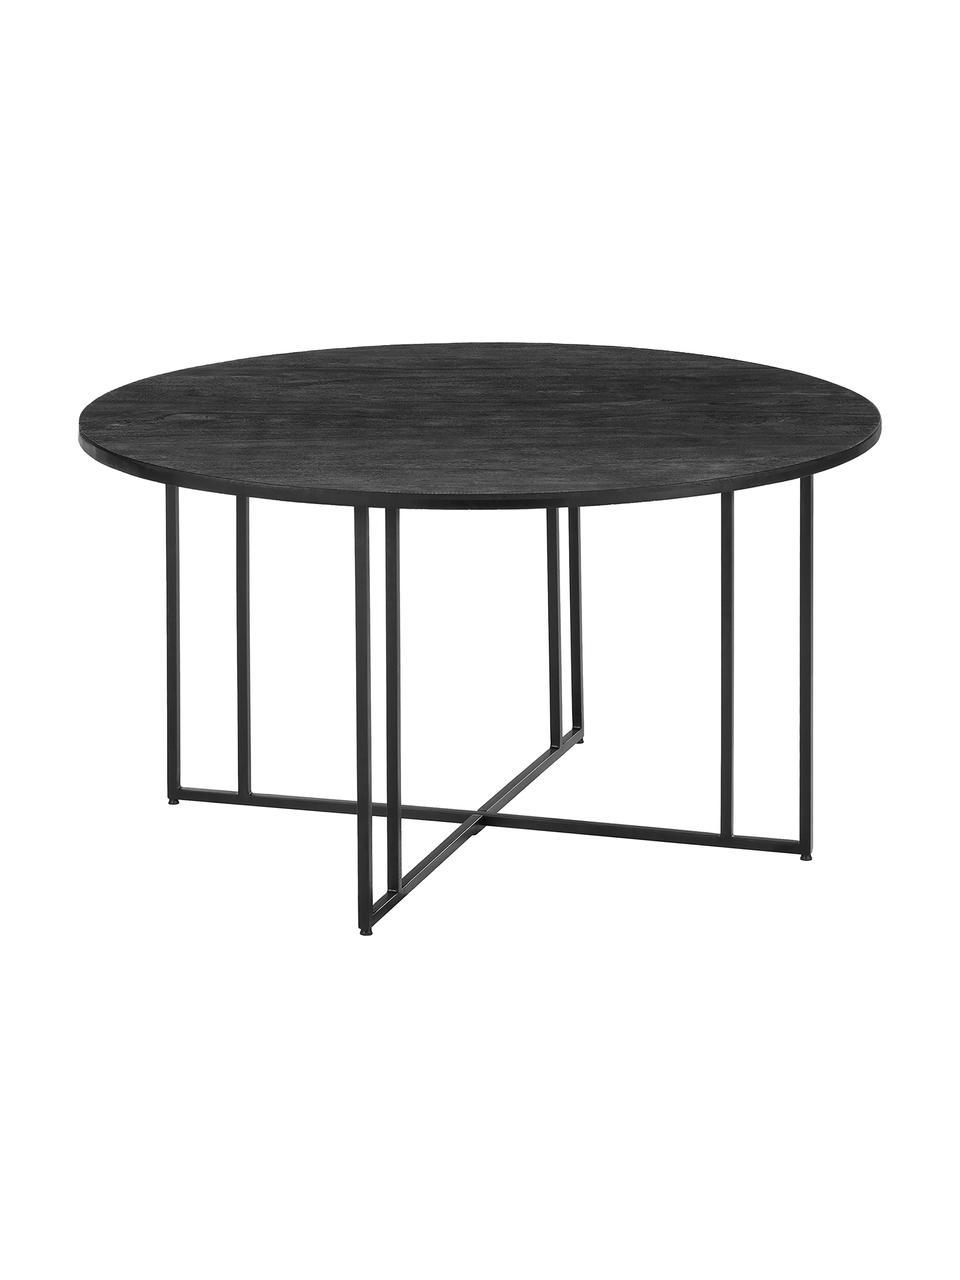 Okrągły stół do jadalni z blatem z litego drewna Luca, Blat: lite drewno mangowe, szcz, Stelaż: metal malowany proszkowo, Drewno mangowe lakierowane na czarno, Ø 120 x W 75 cm